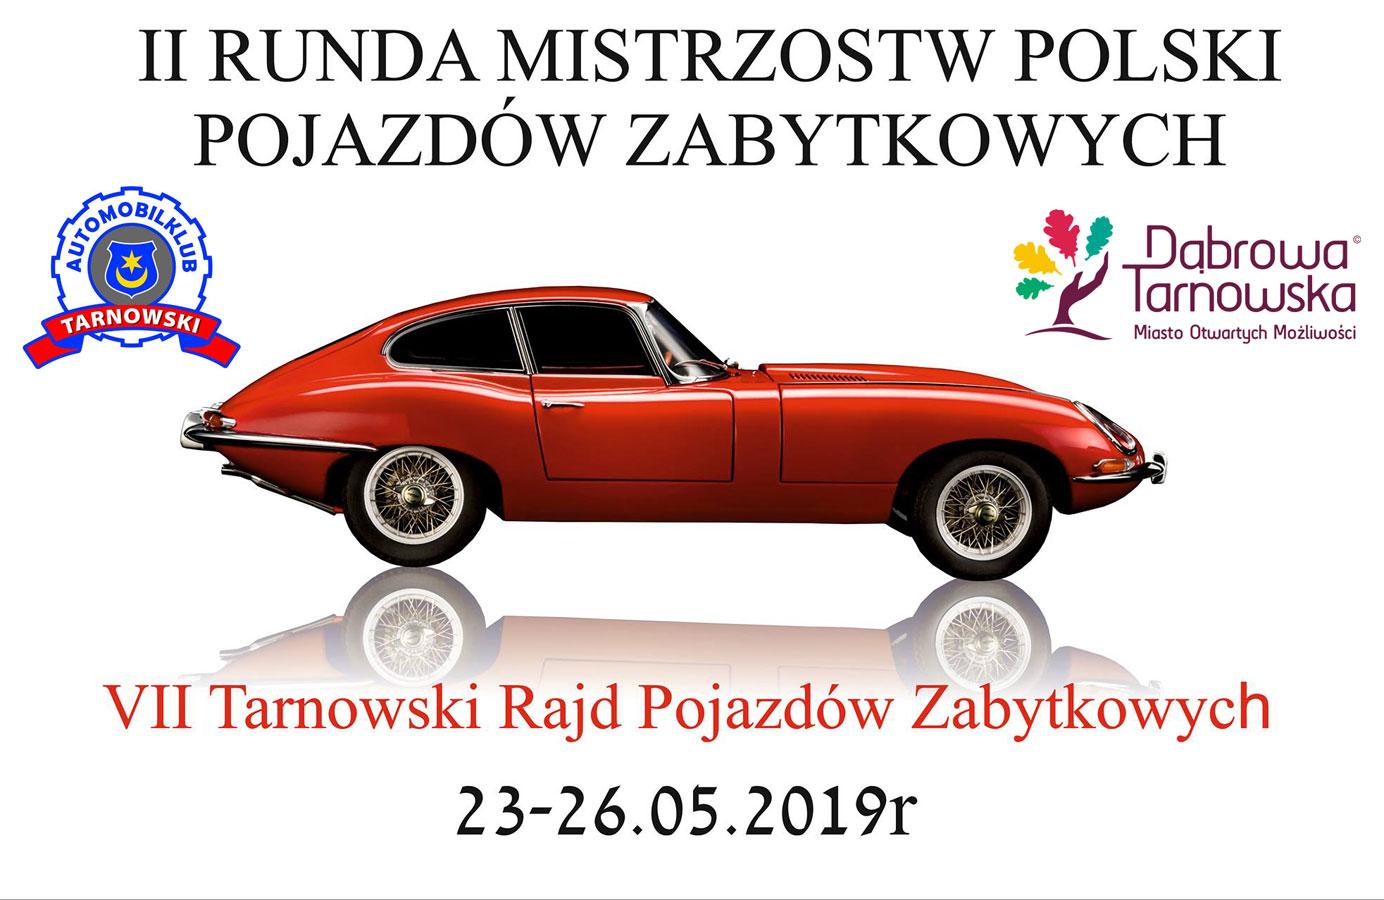 II Runda Mistrzostw Polski Pojazdów Zabytkowych Mistrzostwa Polski Pojazdów Zabytkowych także w Dąbrowie Tarnowskiej